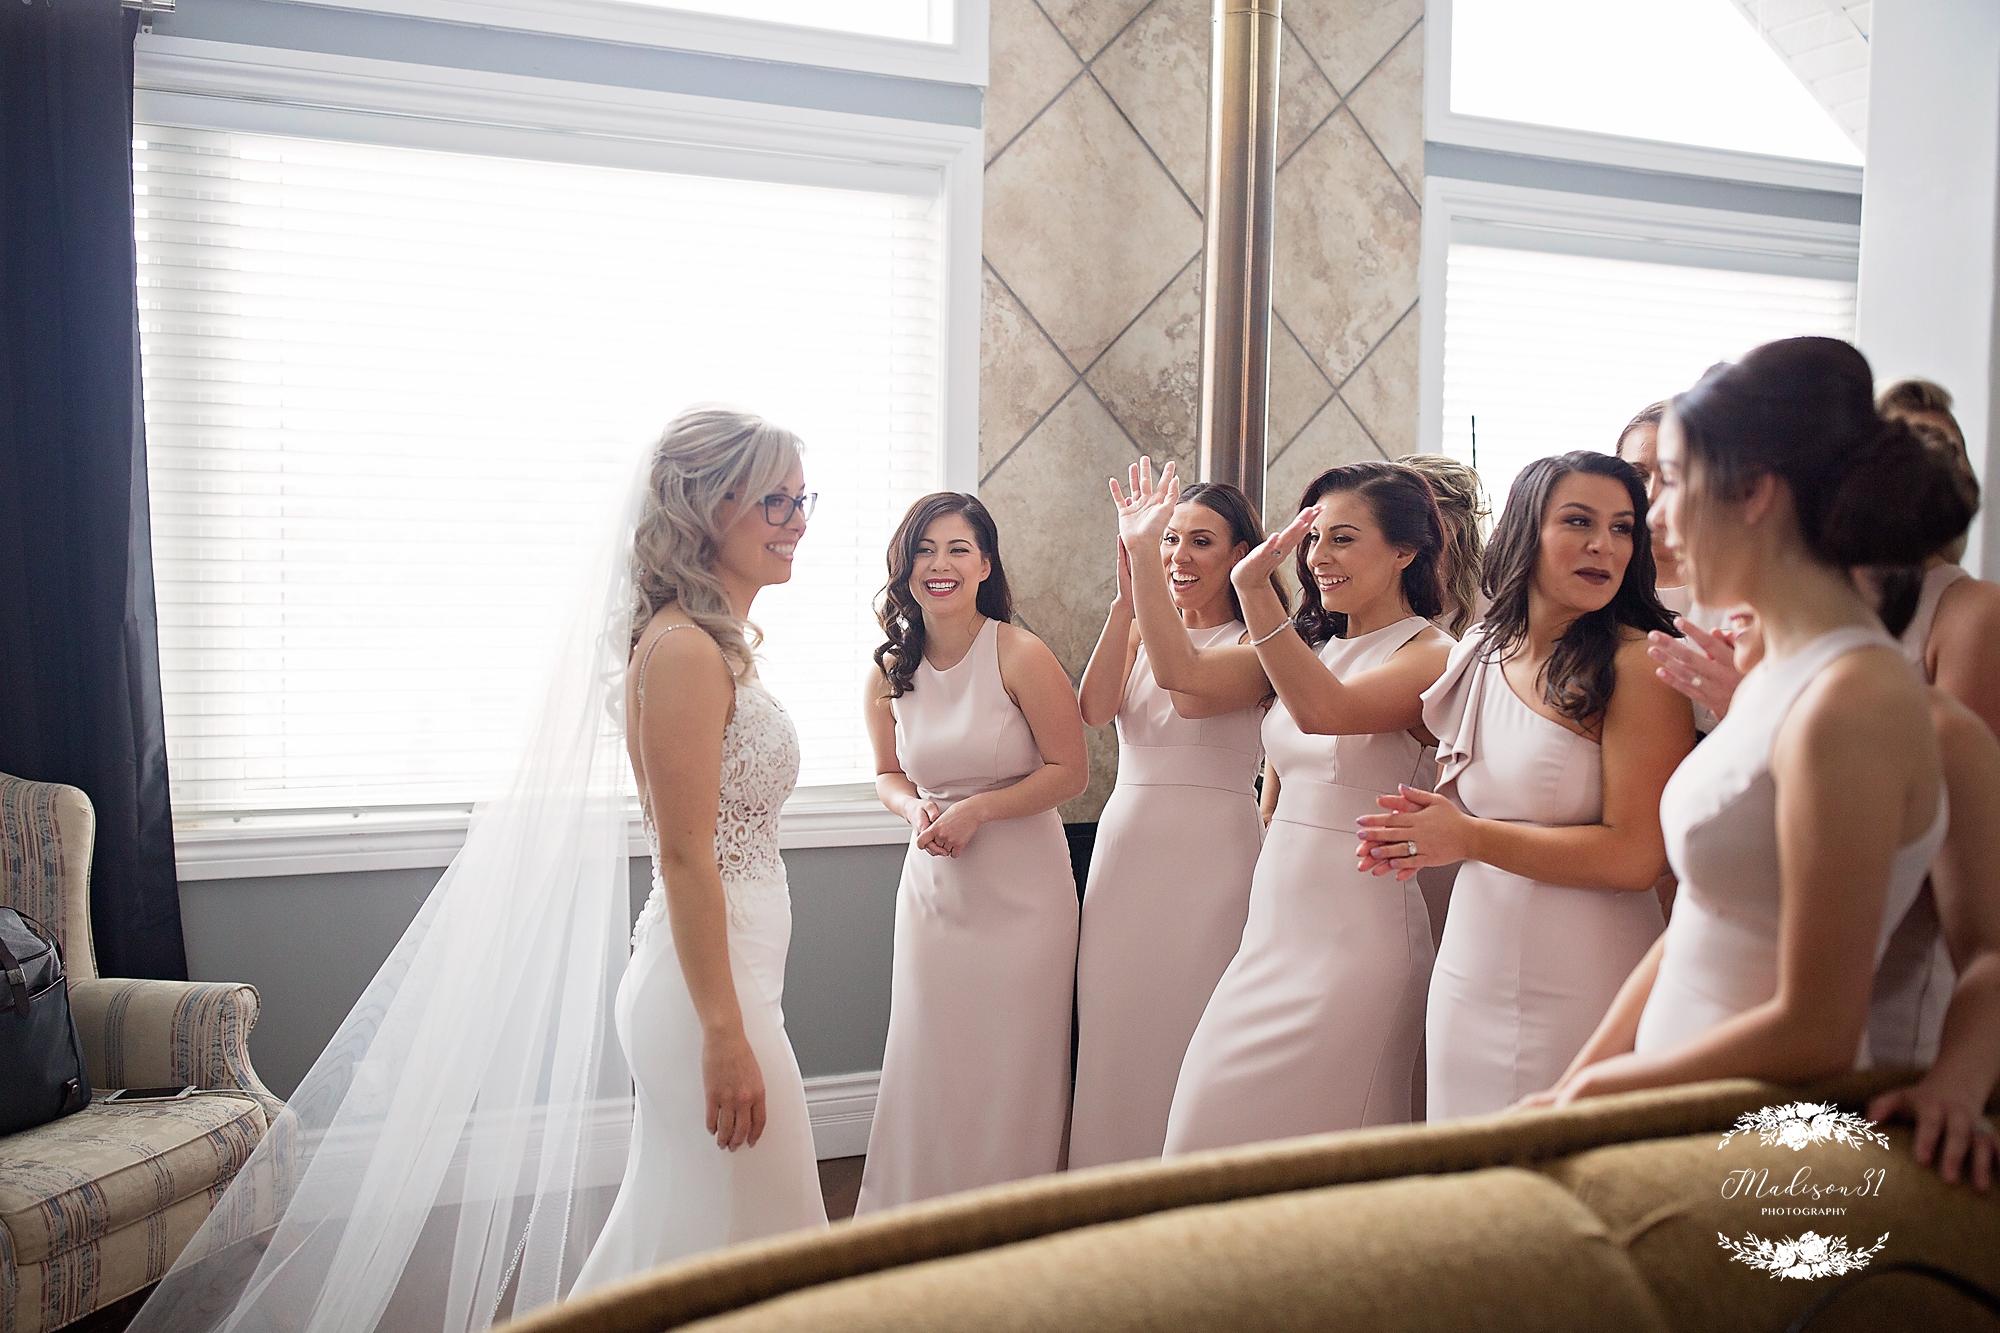 Getting Ready Bride_0572 copy.jpg